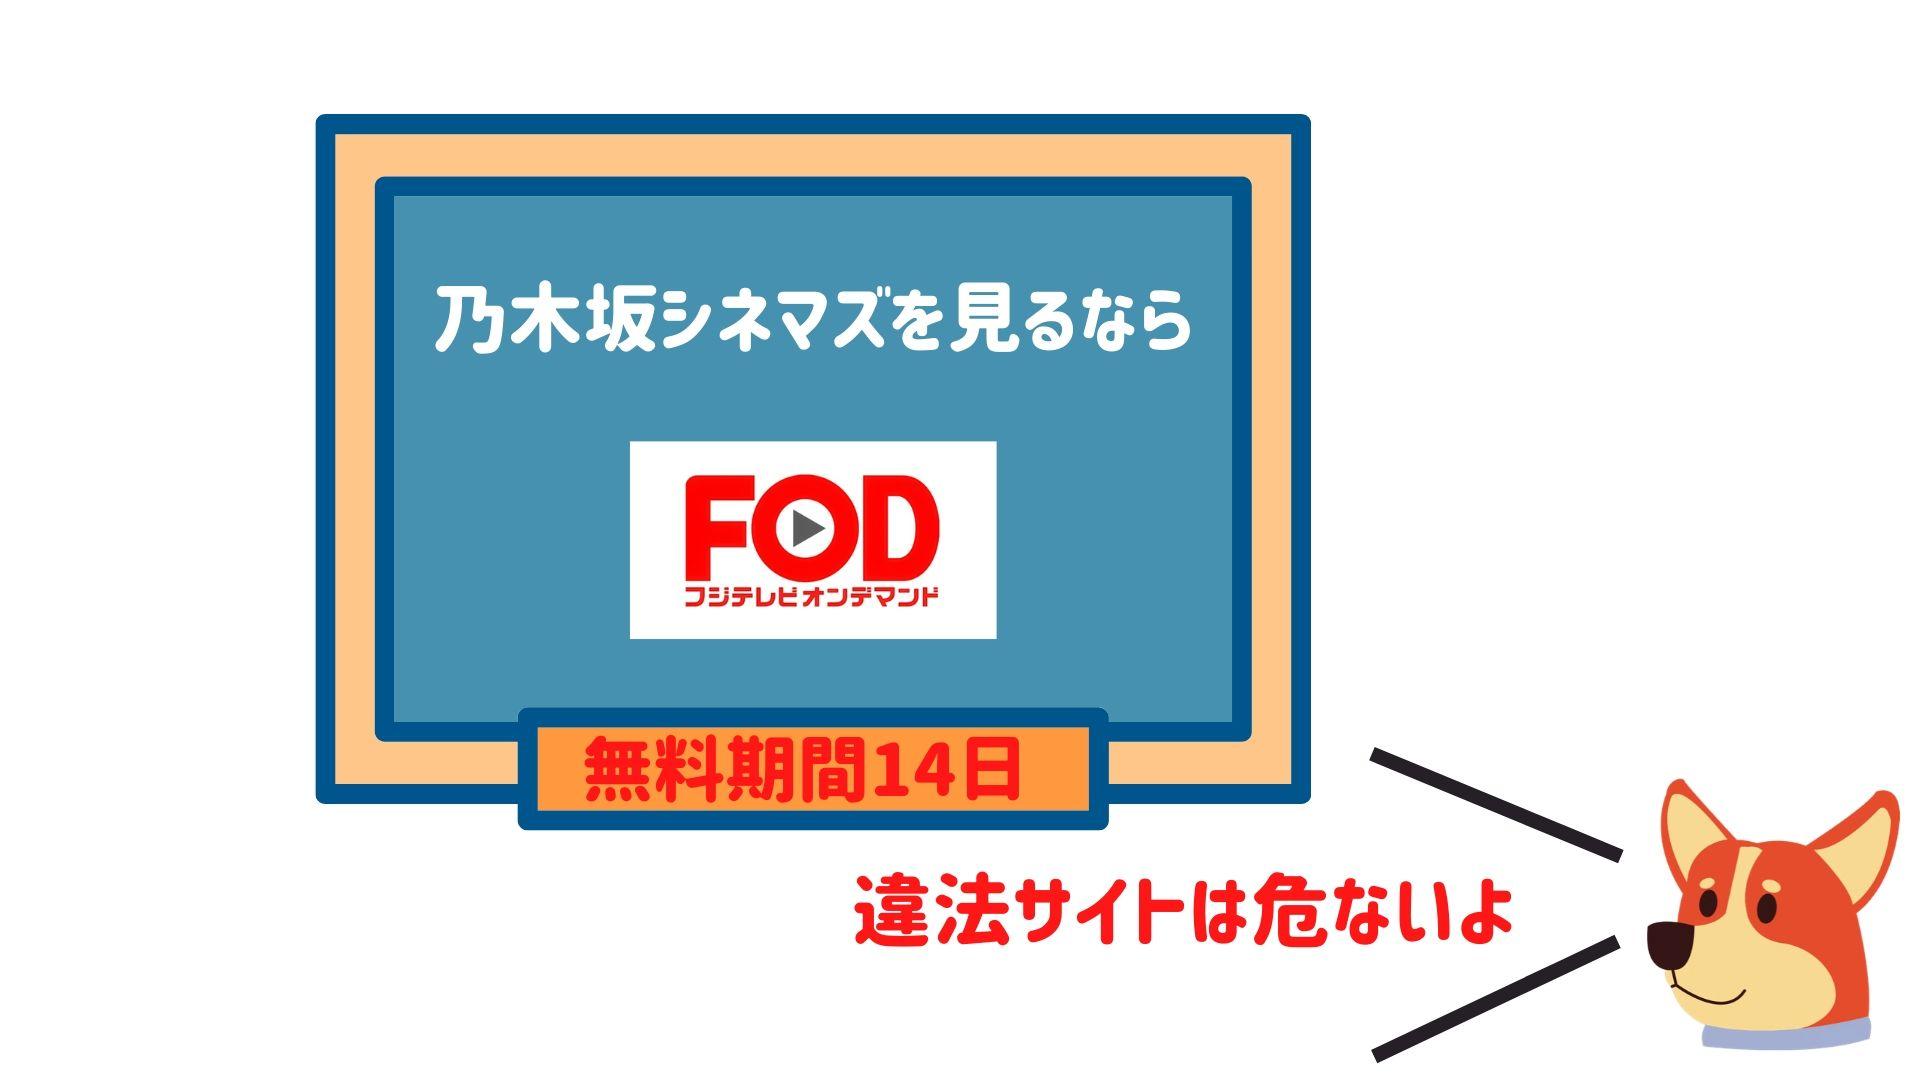 乃木坂シネマズを見るならFODがおすすめと解説している